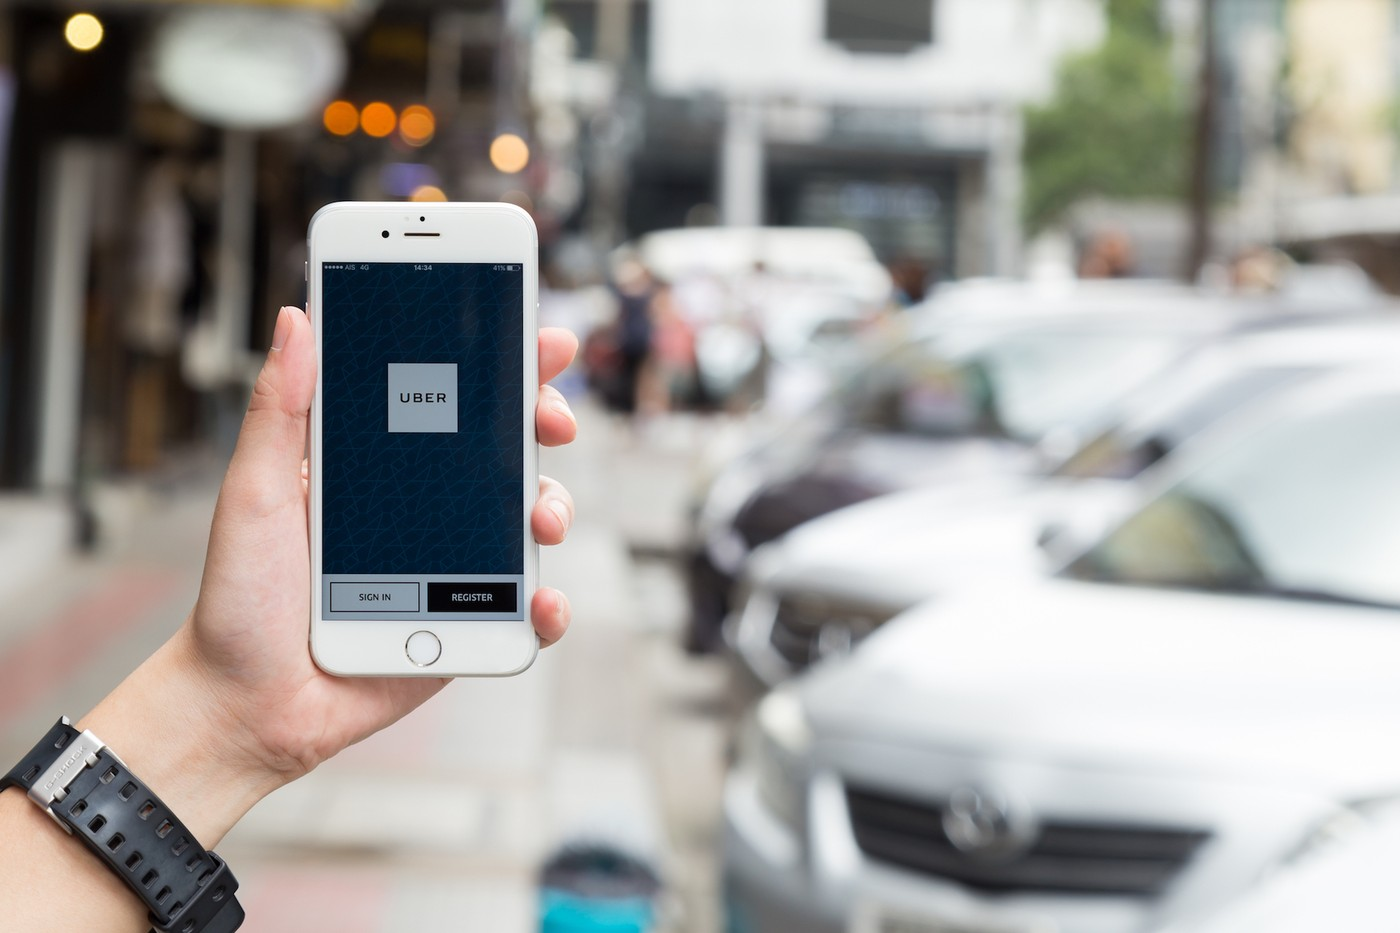 台灣通過可罰款2,500萬、全球最高的「Uber條款」,一次看懂Uber與政府之爭